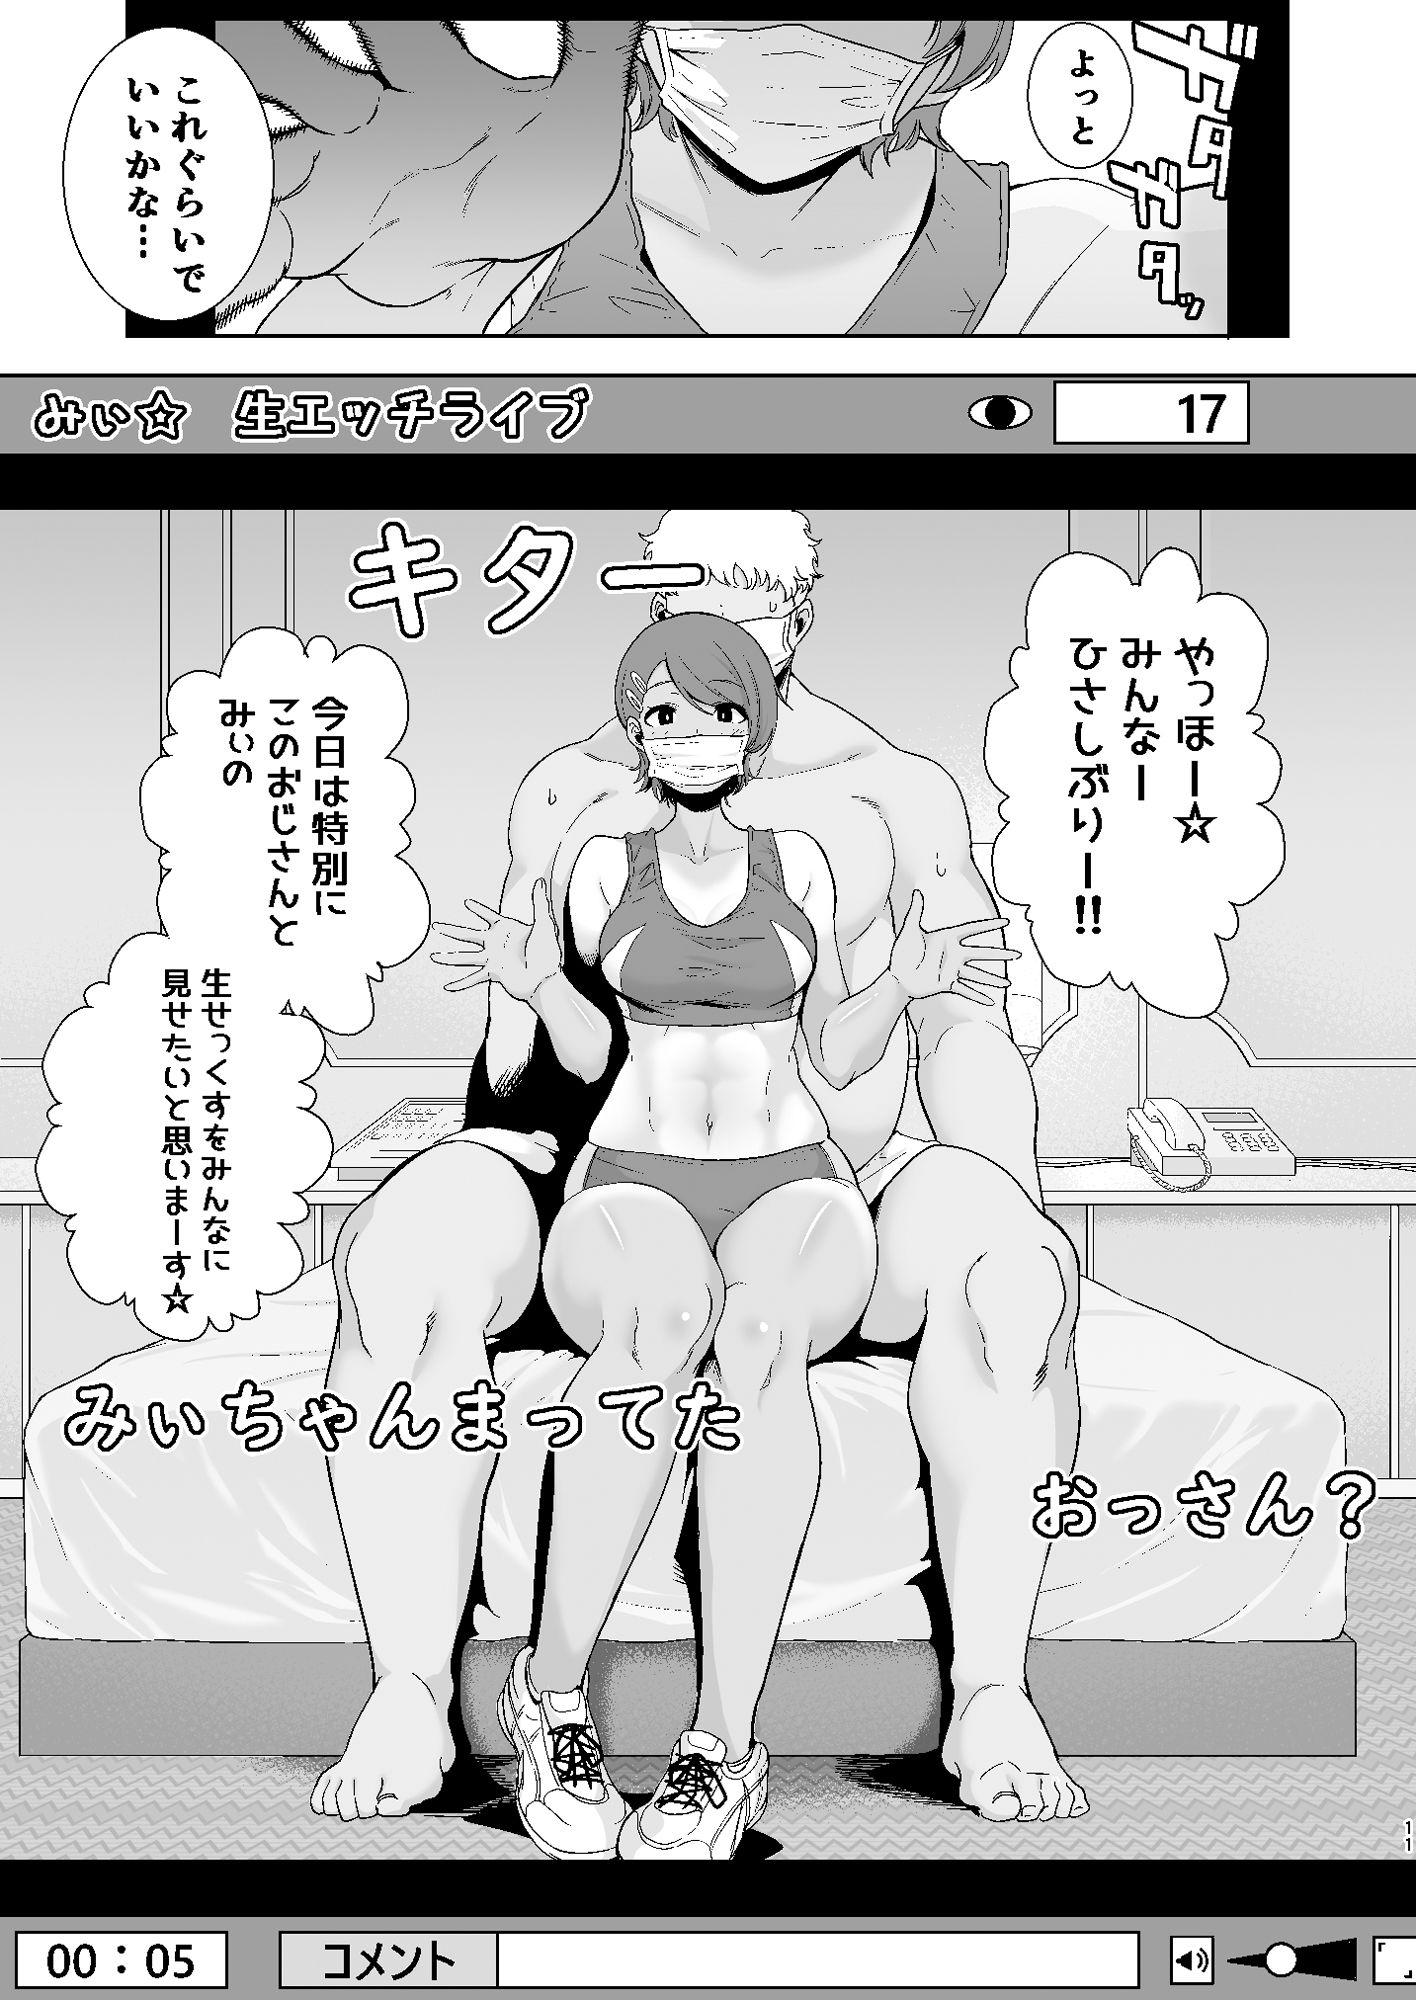 【エロ漫画無料大全集】【JKエロ漫画】性欲盛んなお嬢様たちに身体を捧げる竿おじさんの腰使いが凄すぎるwww